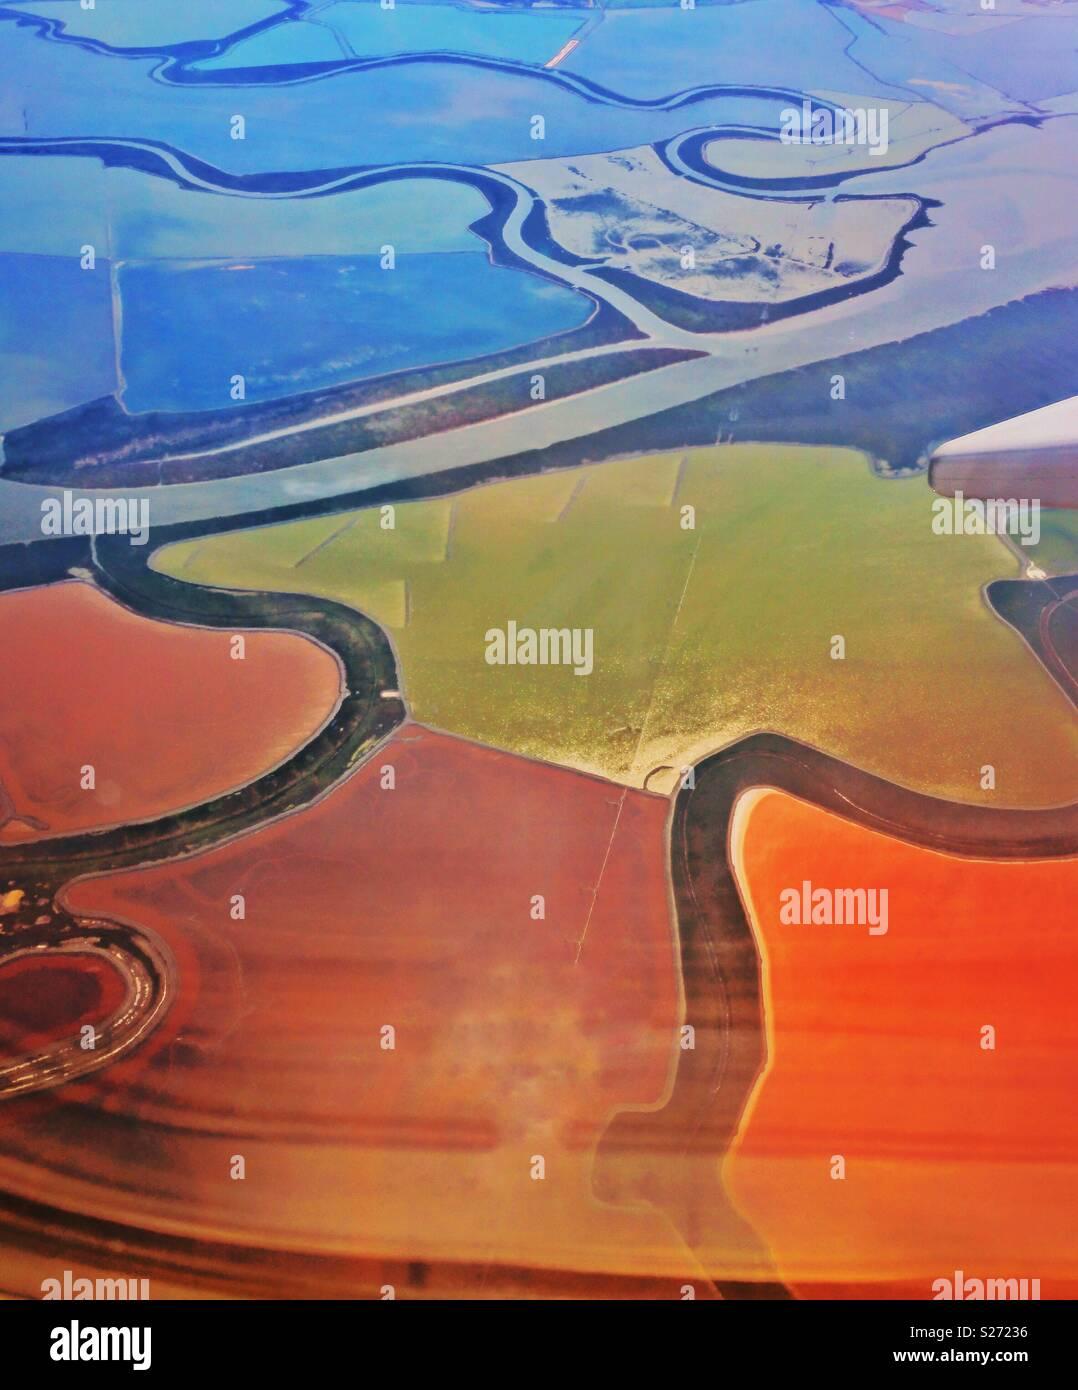 Luftaufnahme von Salz Teiche in der Nähe von San Francisco Stockbild